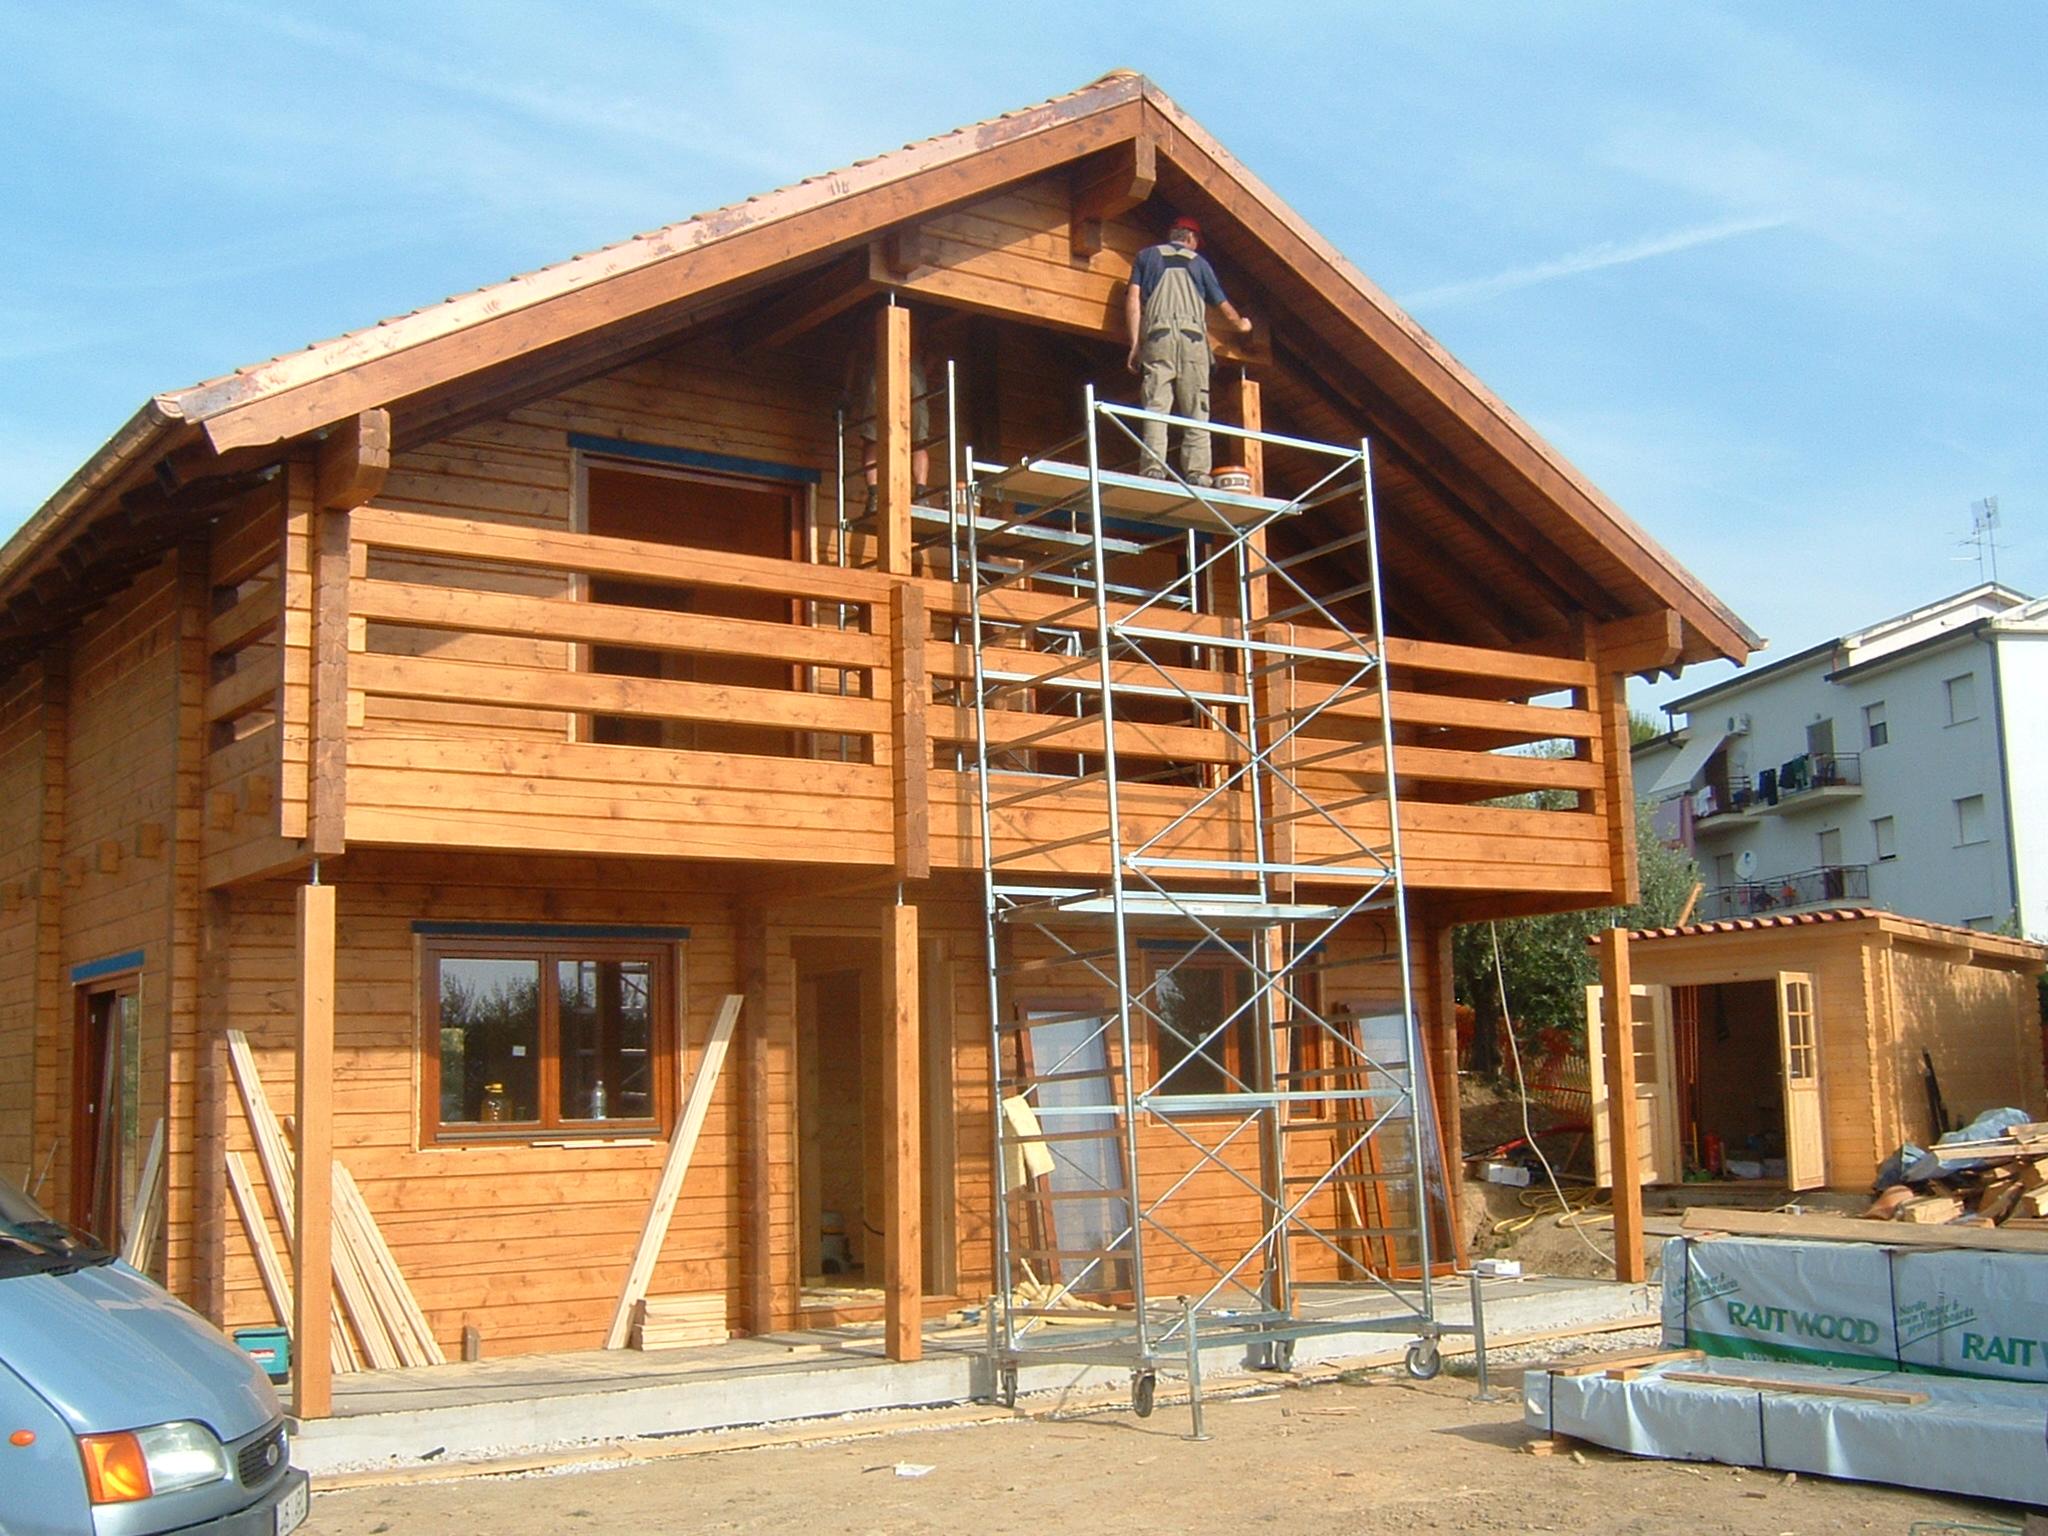 Case Con Tronchi Di Legno : Casa in legno modello honka houses di gruppo lanzaro